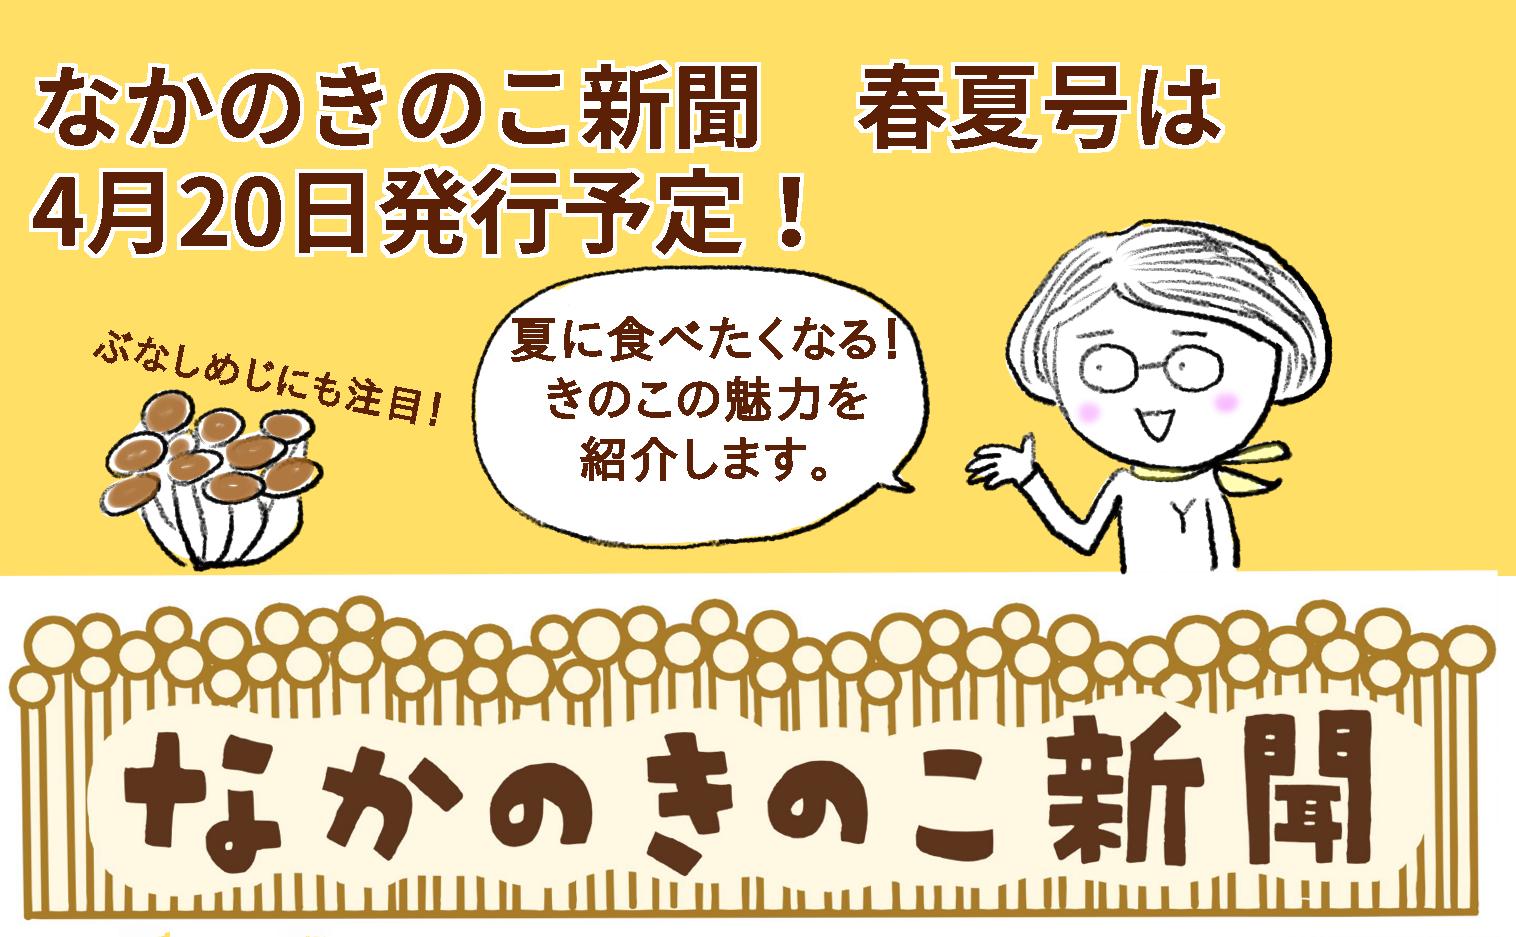 春夏号は4月20日発行予定!